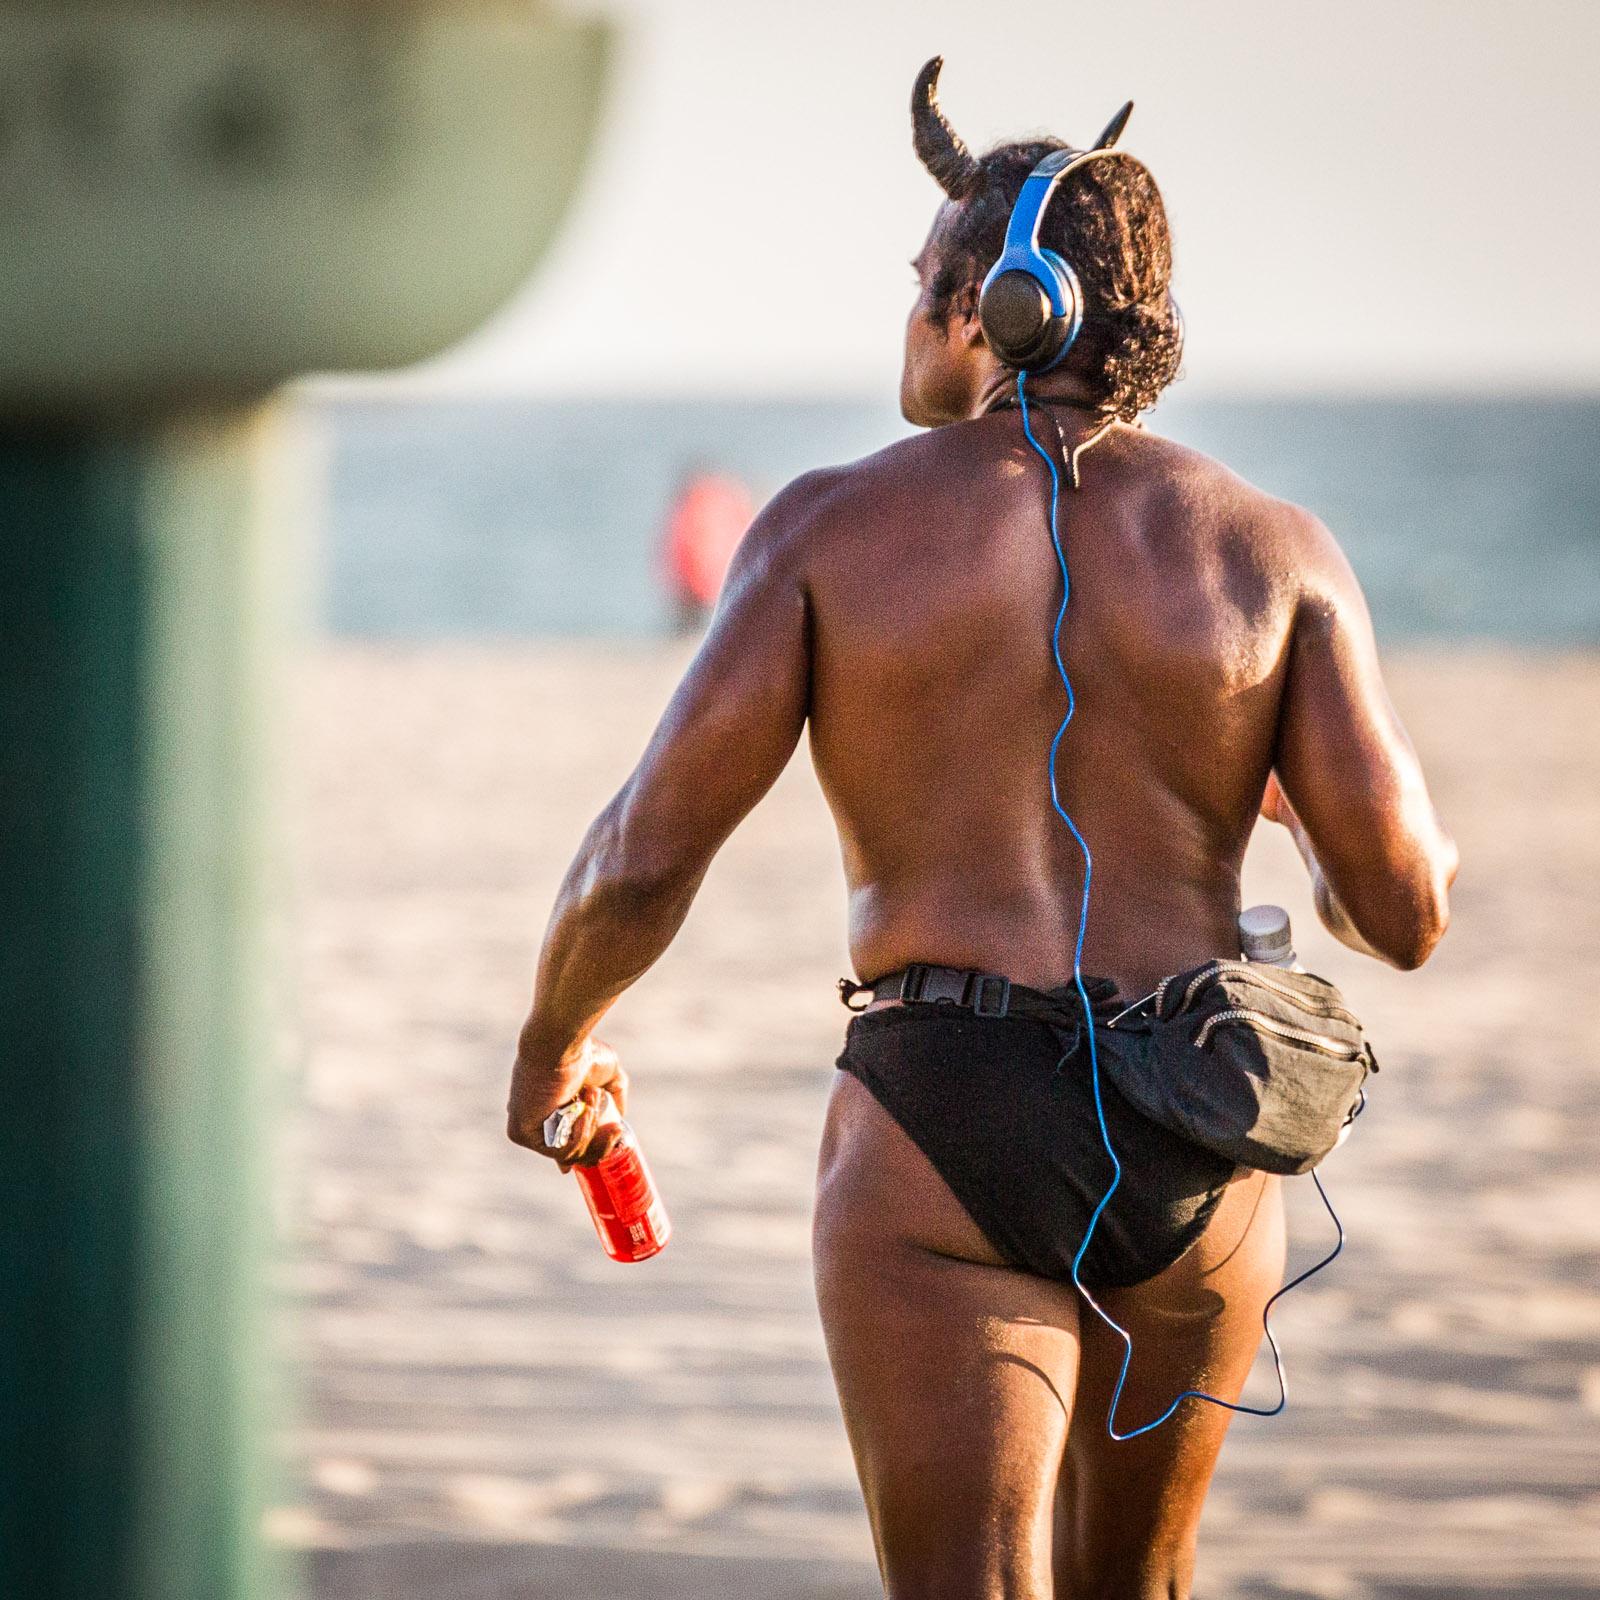 Venice Beach mit Boardwalk: Buntes Treiben und gute Laune